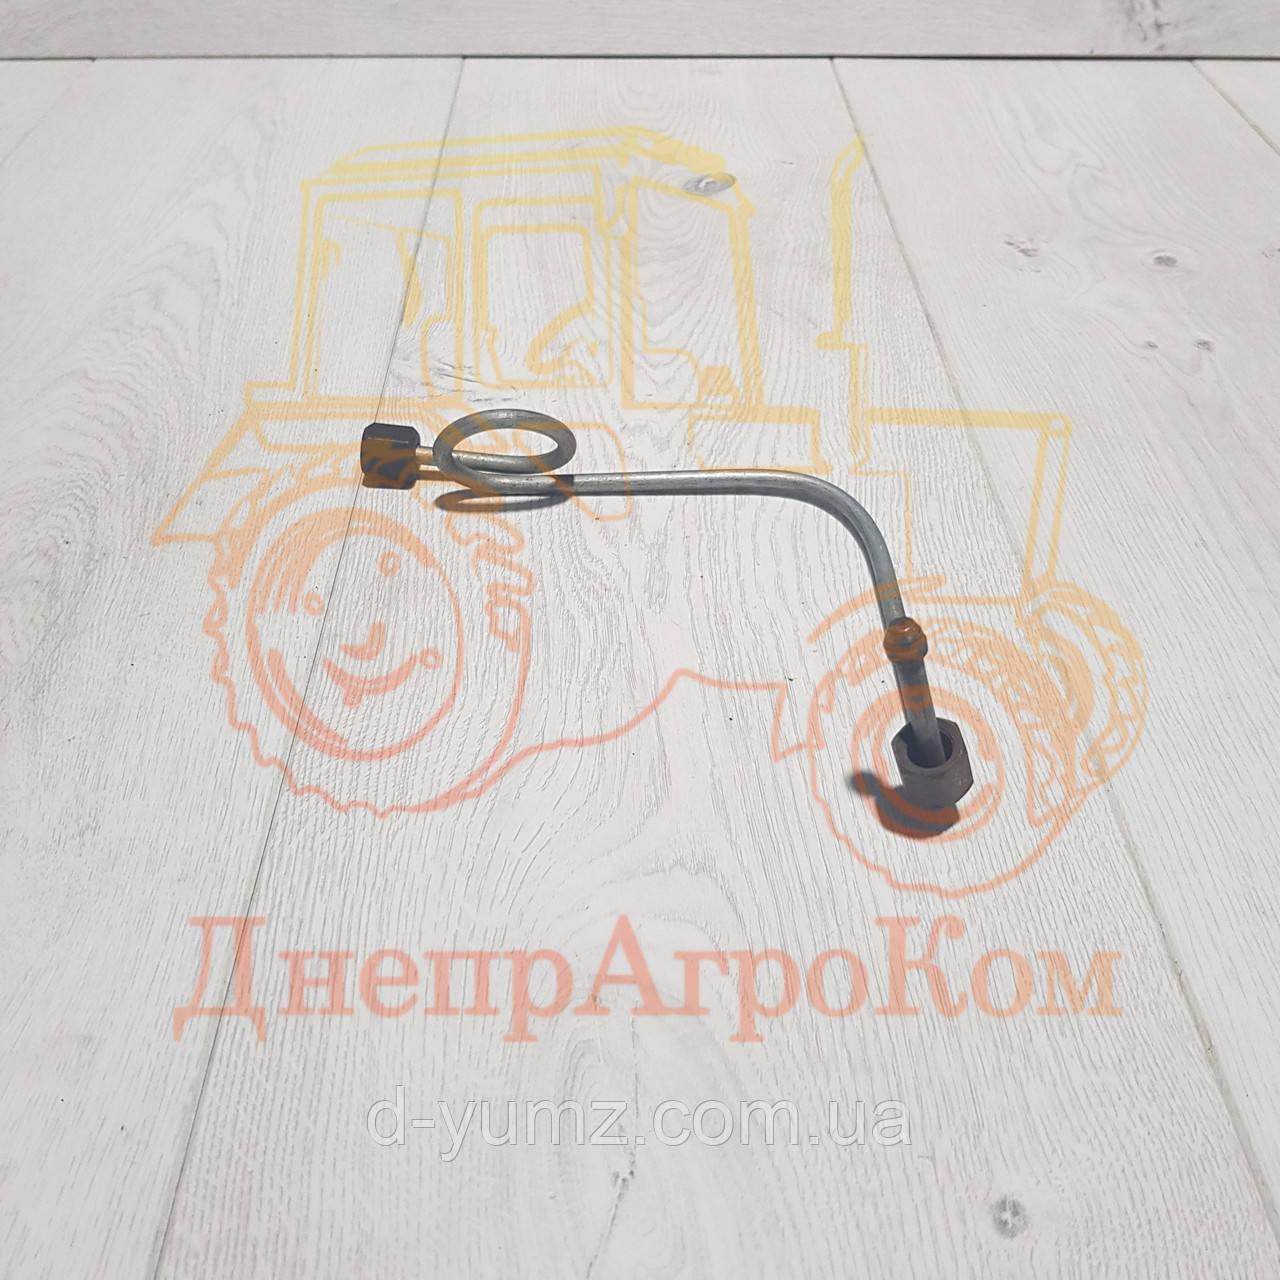 Топливопровод высокого давления ЮМЗ первого цилиндра   Д65-16-С18